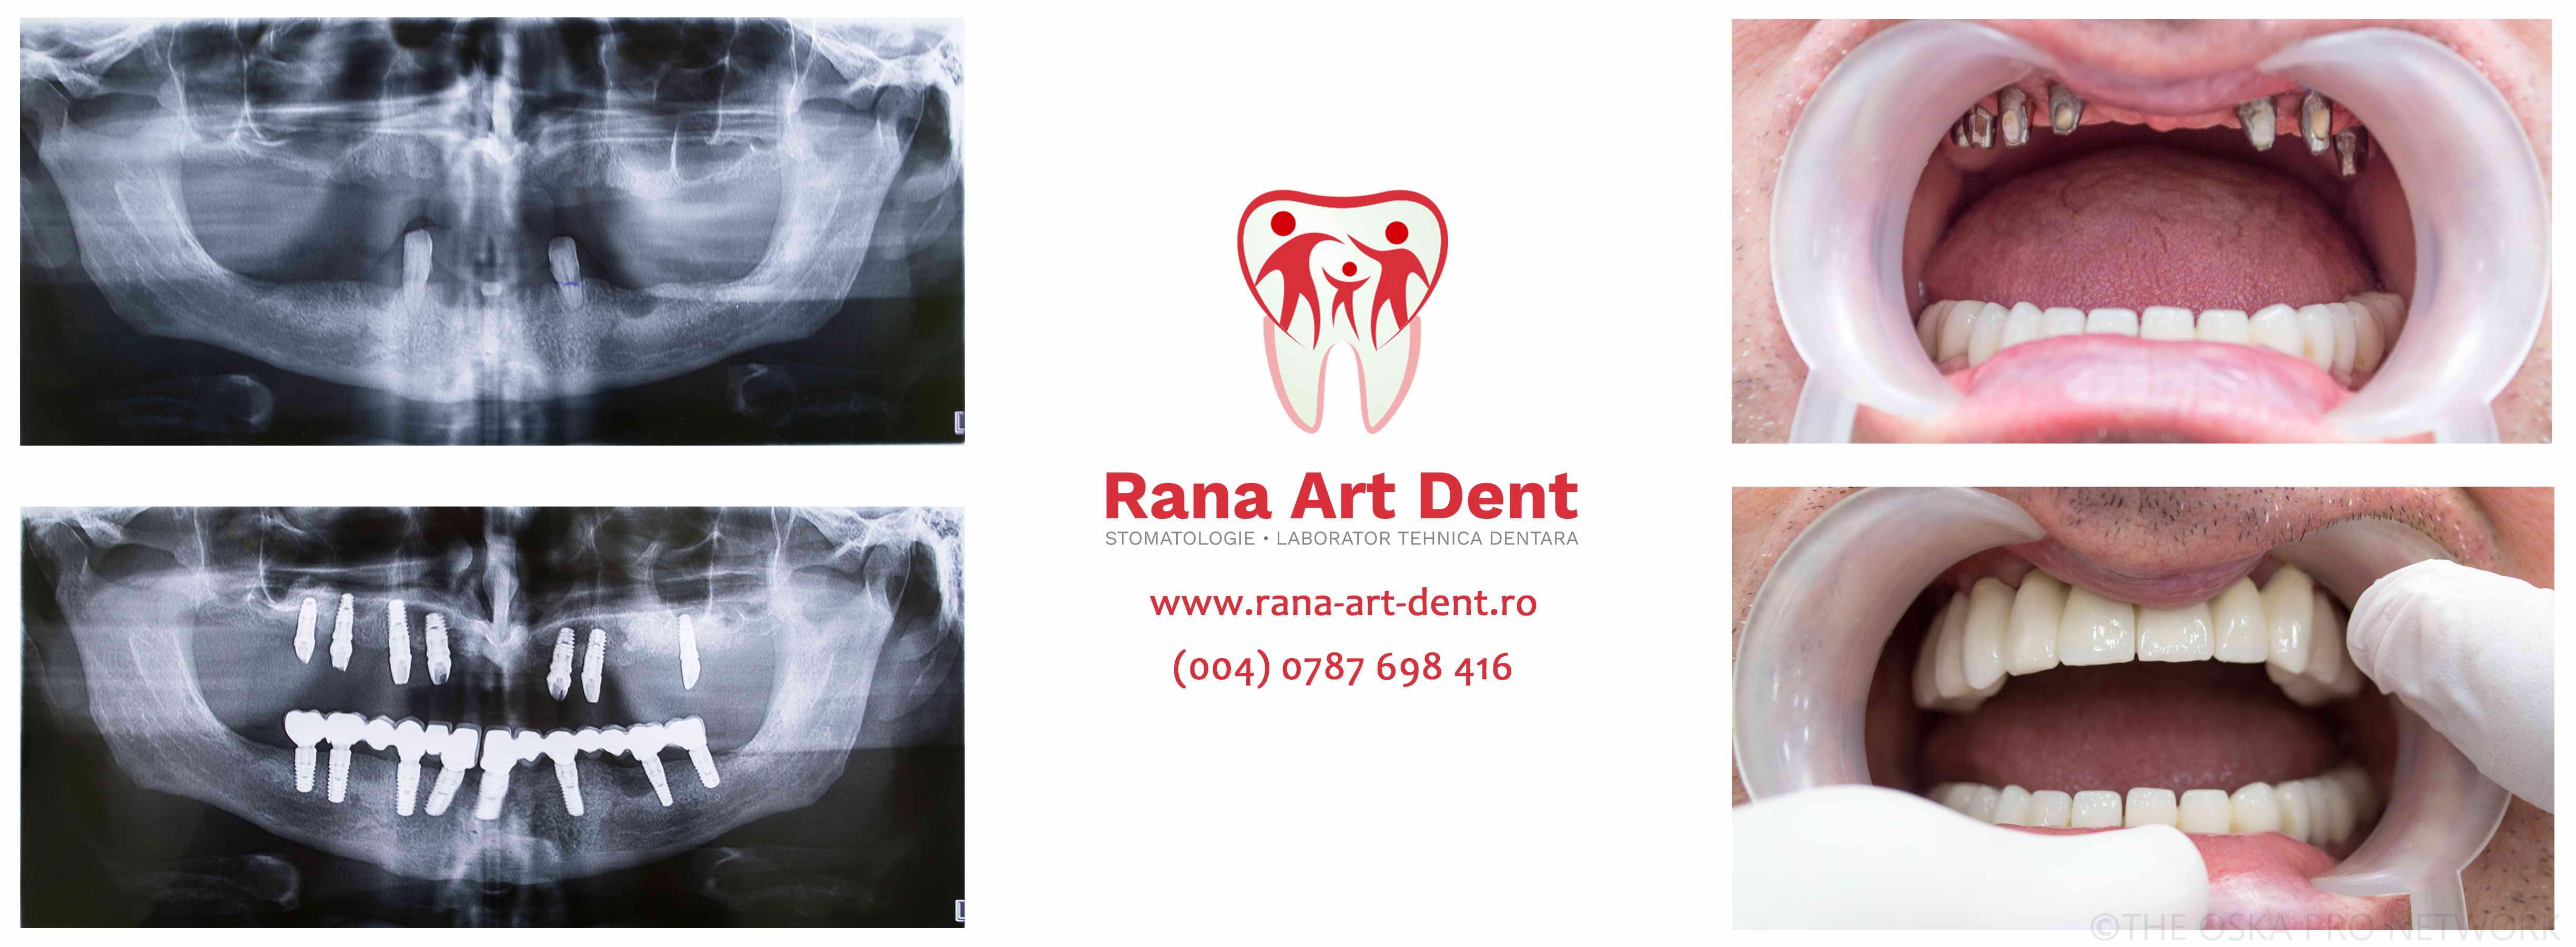 Implantrui Dentare Lucrari Protetice Metalo ceramice!